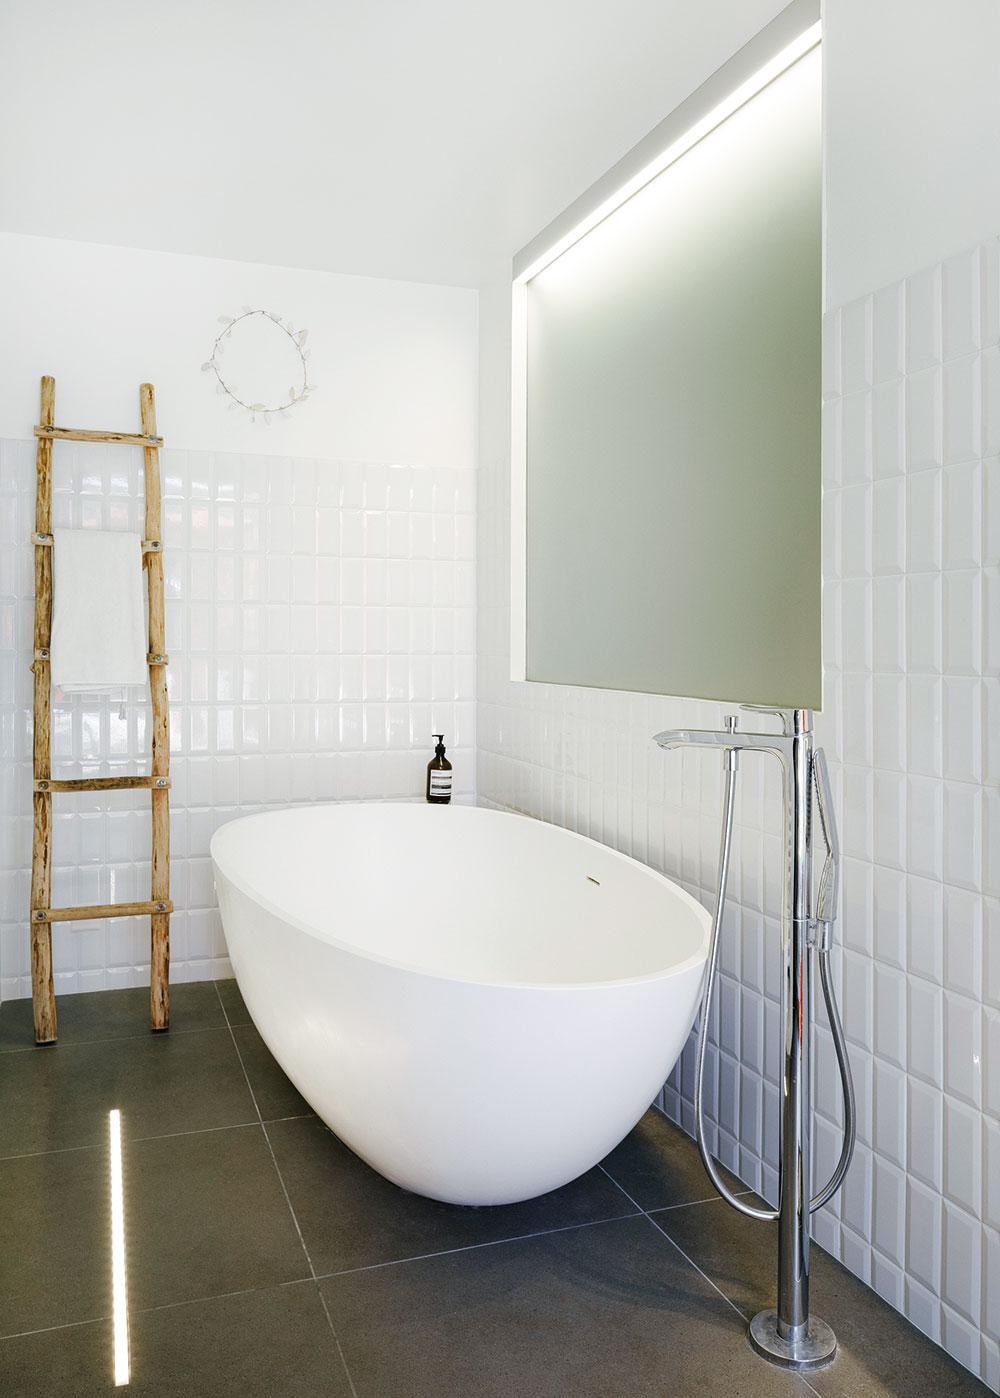 Kúpeľňa s voľne stojacou vaňou je obložená bielym lesklým obkladom.